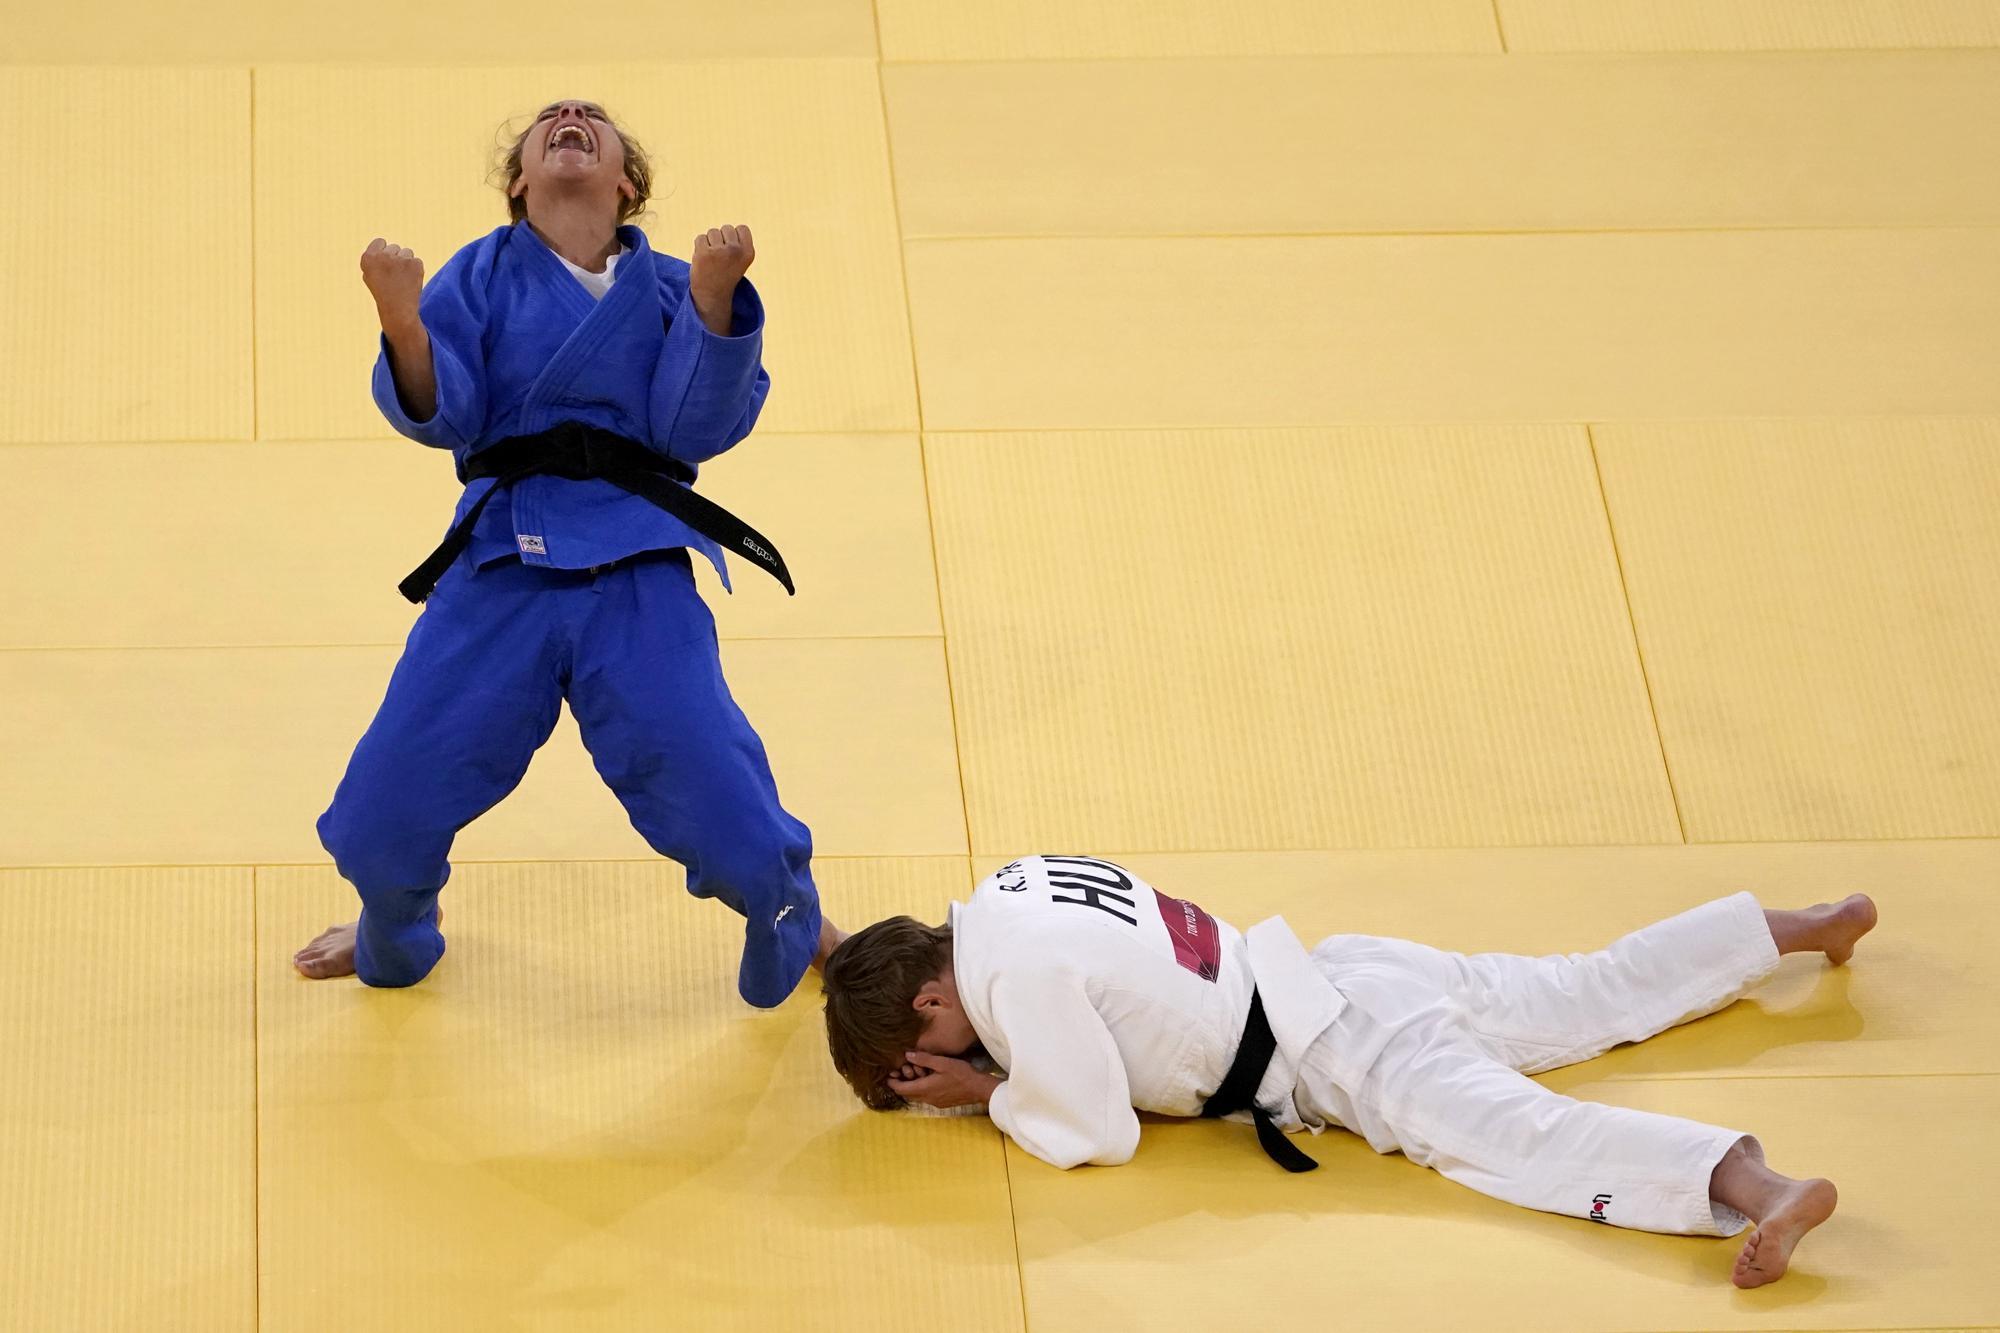 """Những hình ảnh """"trào nước mắt"""" của người chiến thắng, kẻ chiến bại tại Olympic Tokyo 2020 - Ảnh 1."""